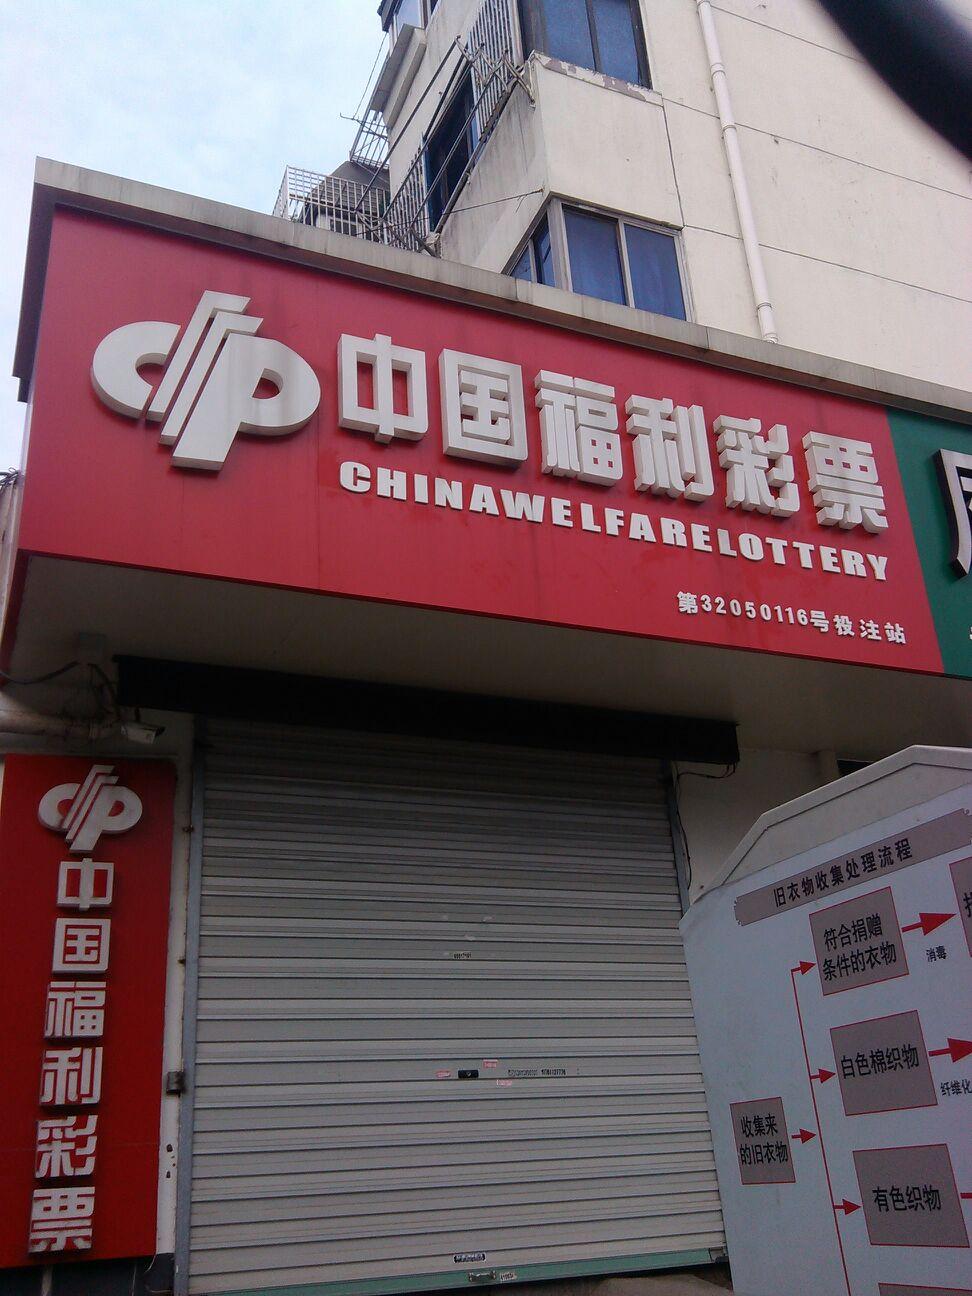 2661503  电话: 评论数:2 总体评分(中国福利彩票(十全楼)怎么样)4.